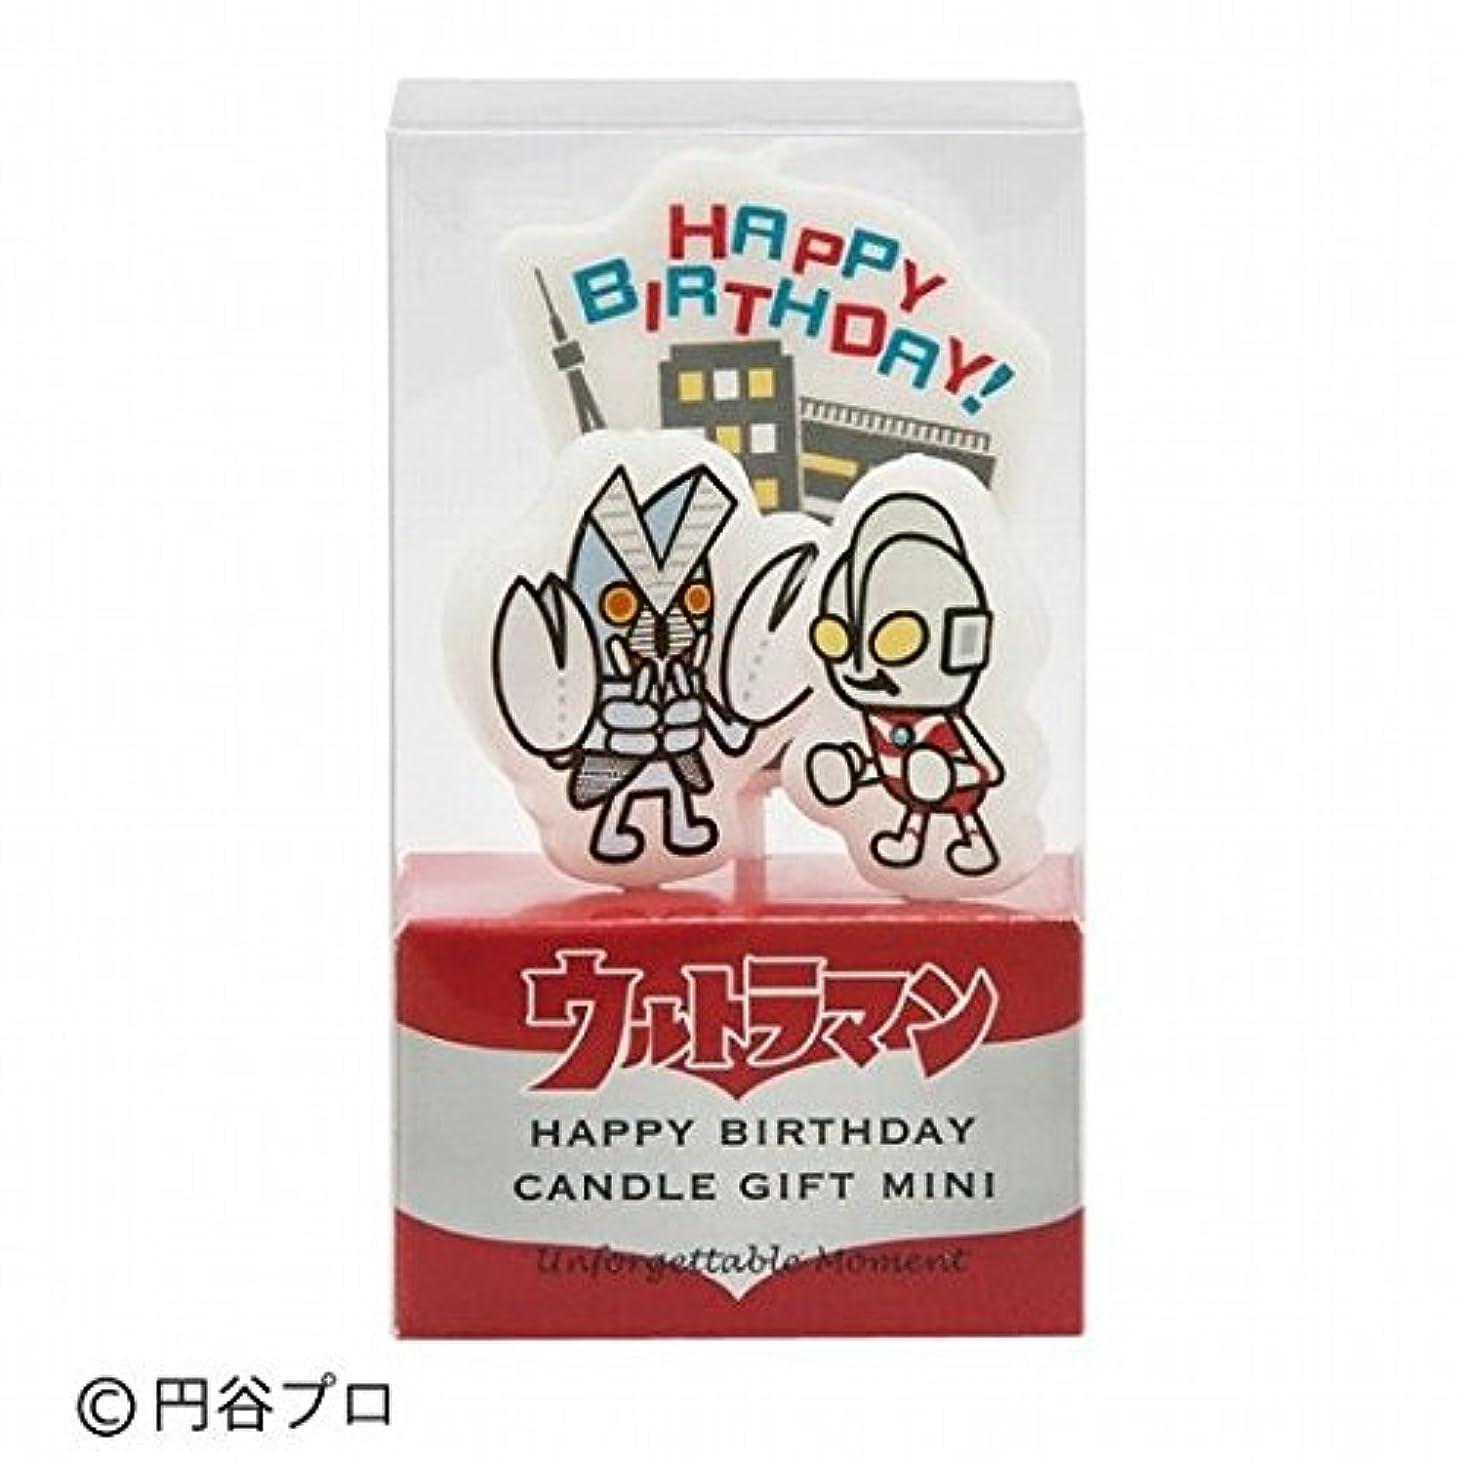 プレゼンターボアリップkameyama candle(カメヤマキャンドル) ウルトラマンキャンドルギフトミニ 「 ハッピーバースデー 」(55360060)